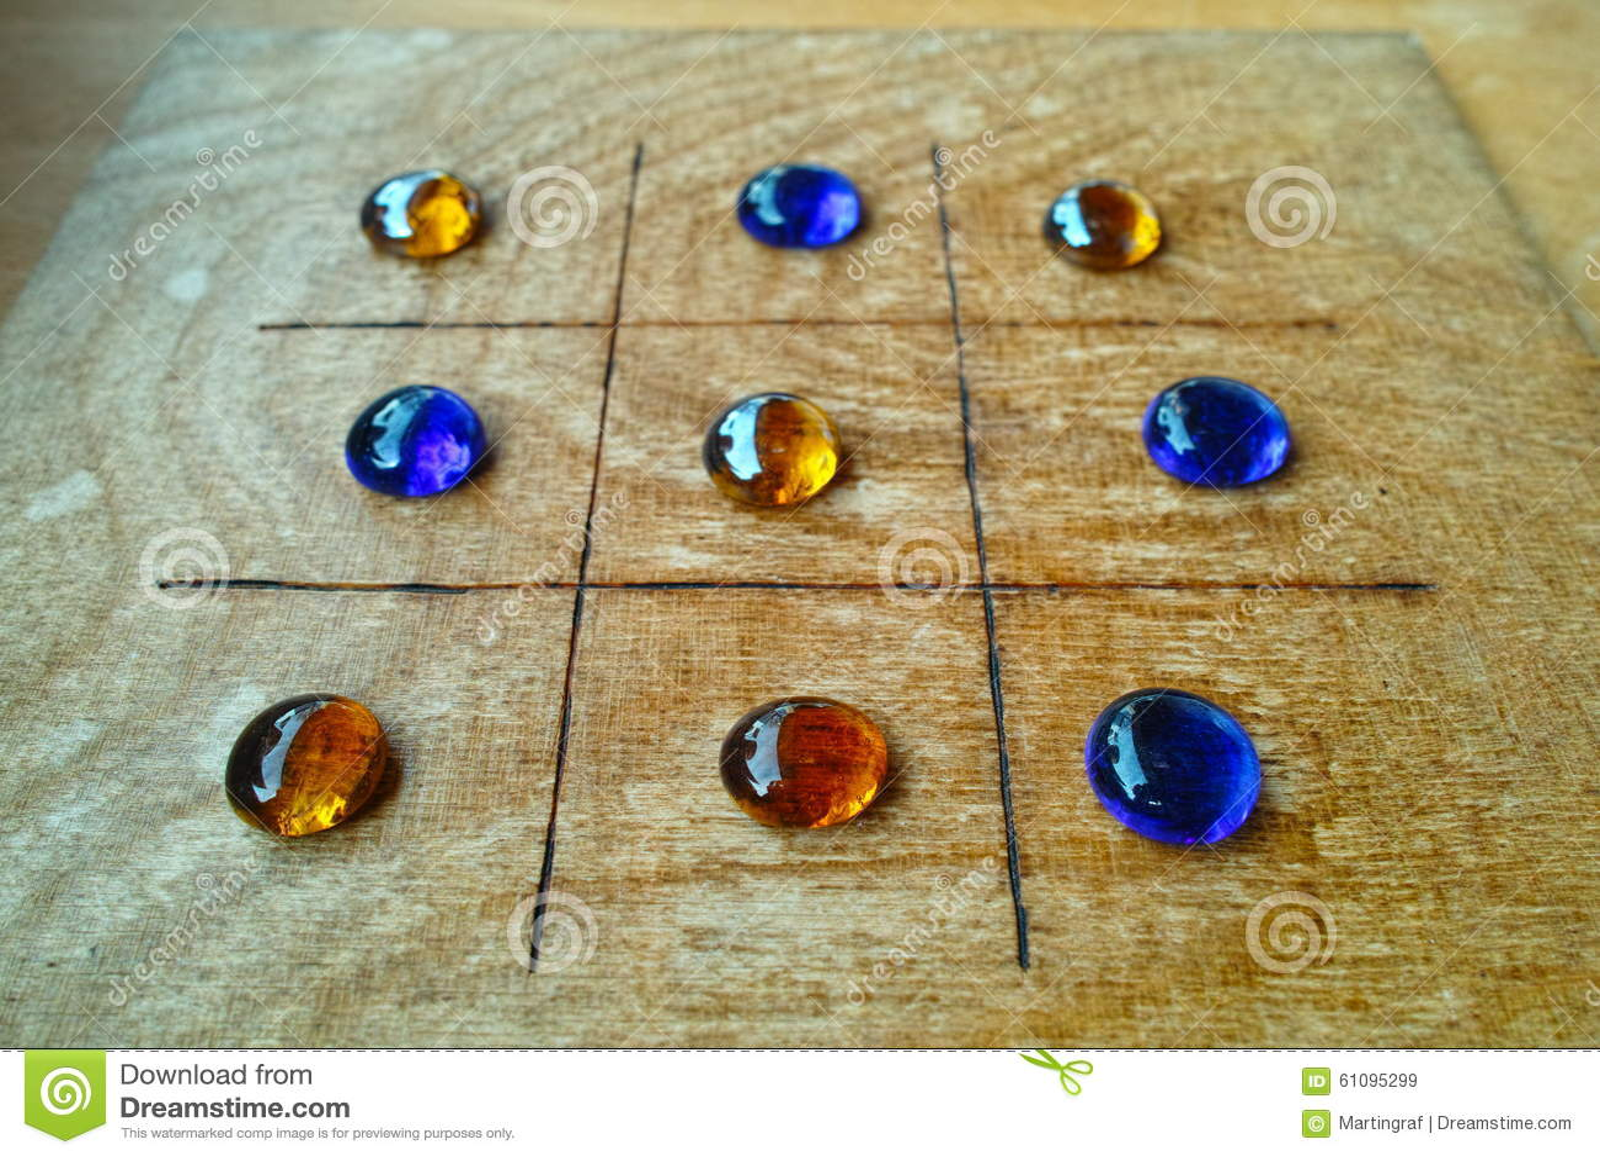 Tique-TAC-dedo do pé romano do jogo de mesa